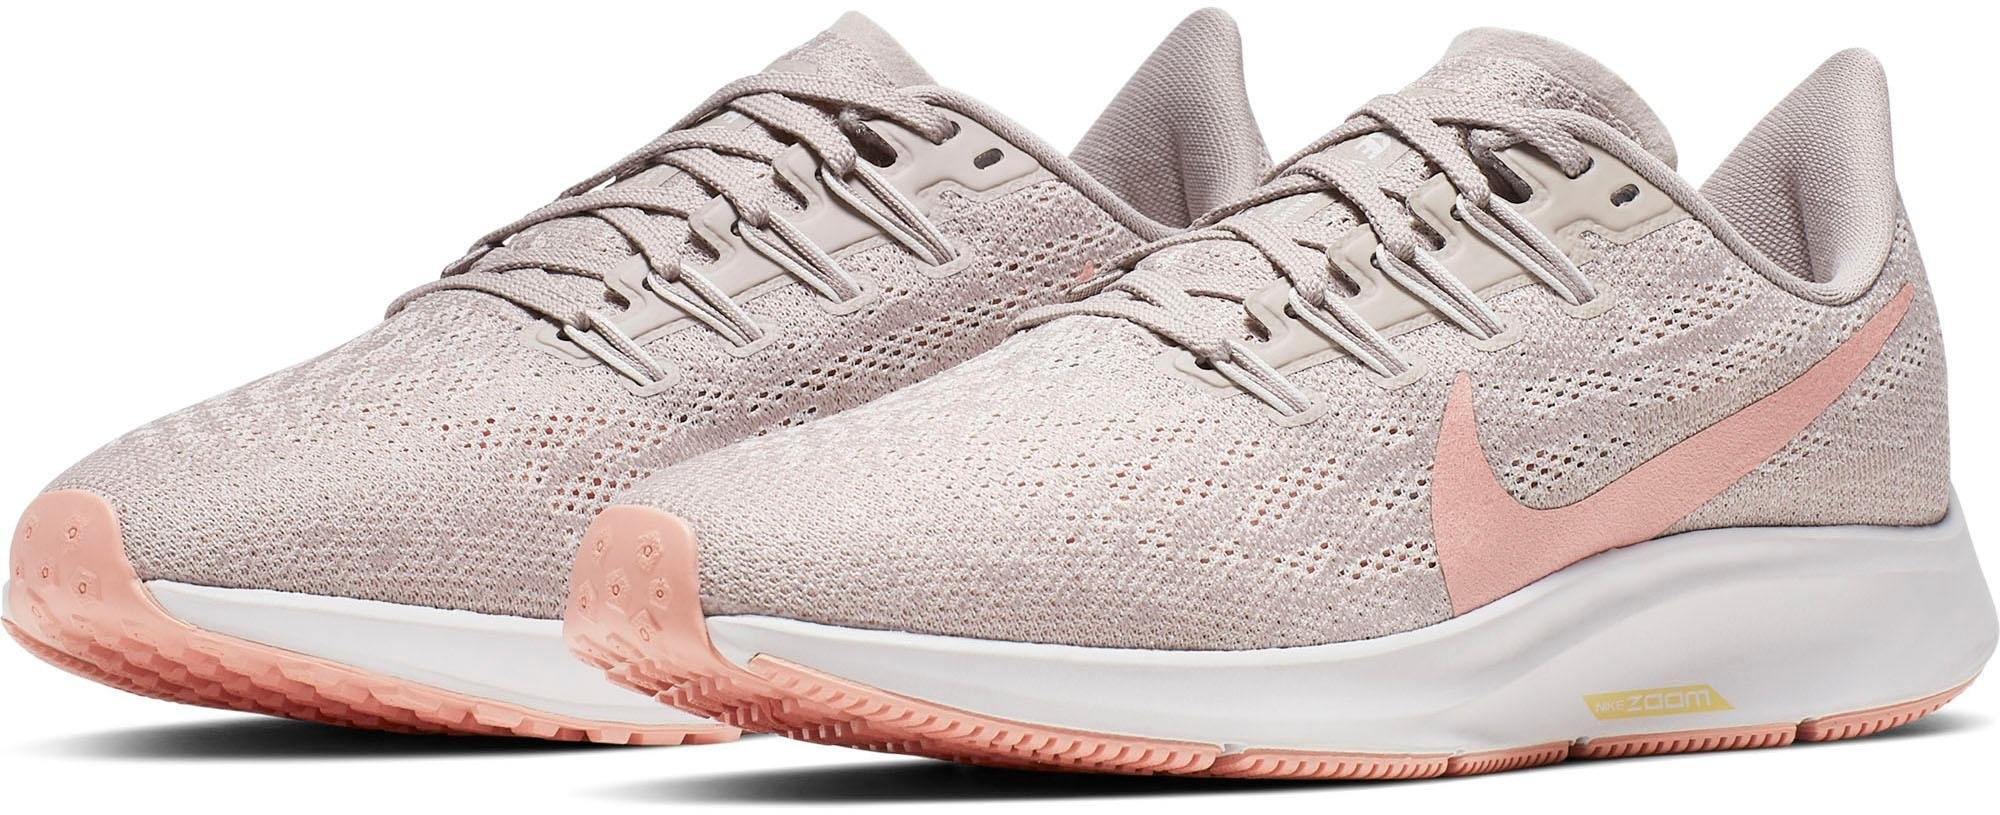 Nike runningschoenen »Wmns Air Zoom Pegasus 36« nu online kopen bij OTTO